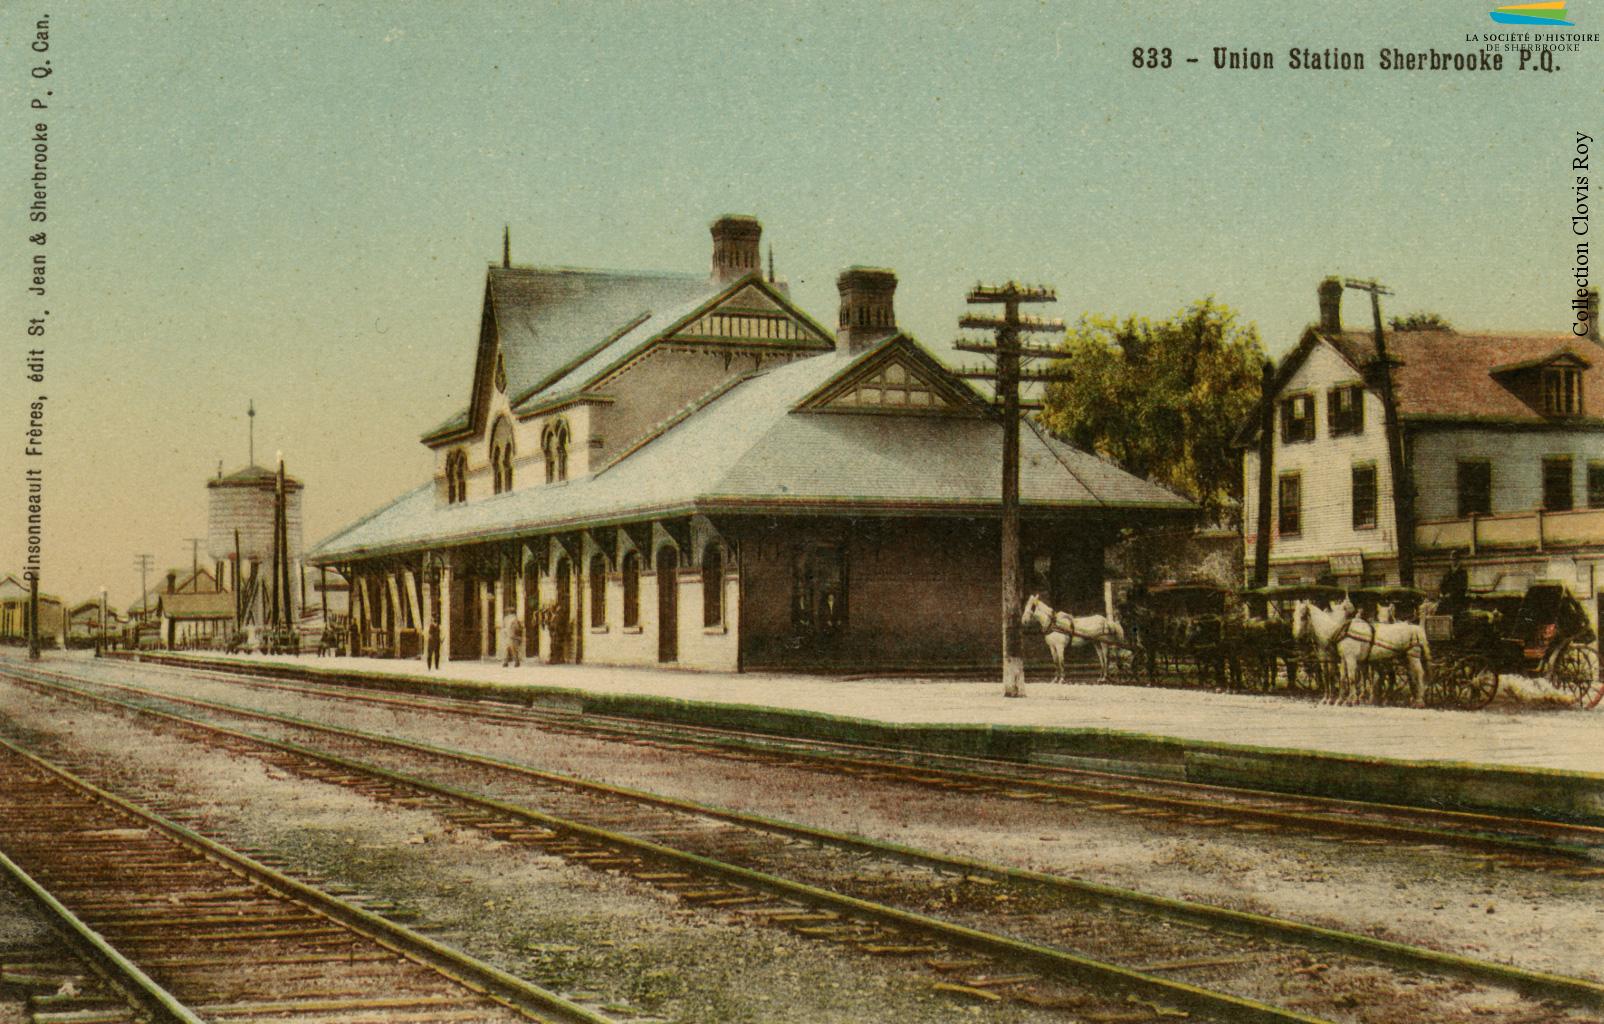 La gare Union, située sur la rue du Dépôt, vers 1905. C'est sur ce site qu'est également construite la toute première gare de Sherbrooke lors de l'arrivée du chemin de fer, en 1852.  Cette première gare est détruite en 1890, et remplacée par la gare Union.